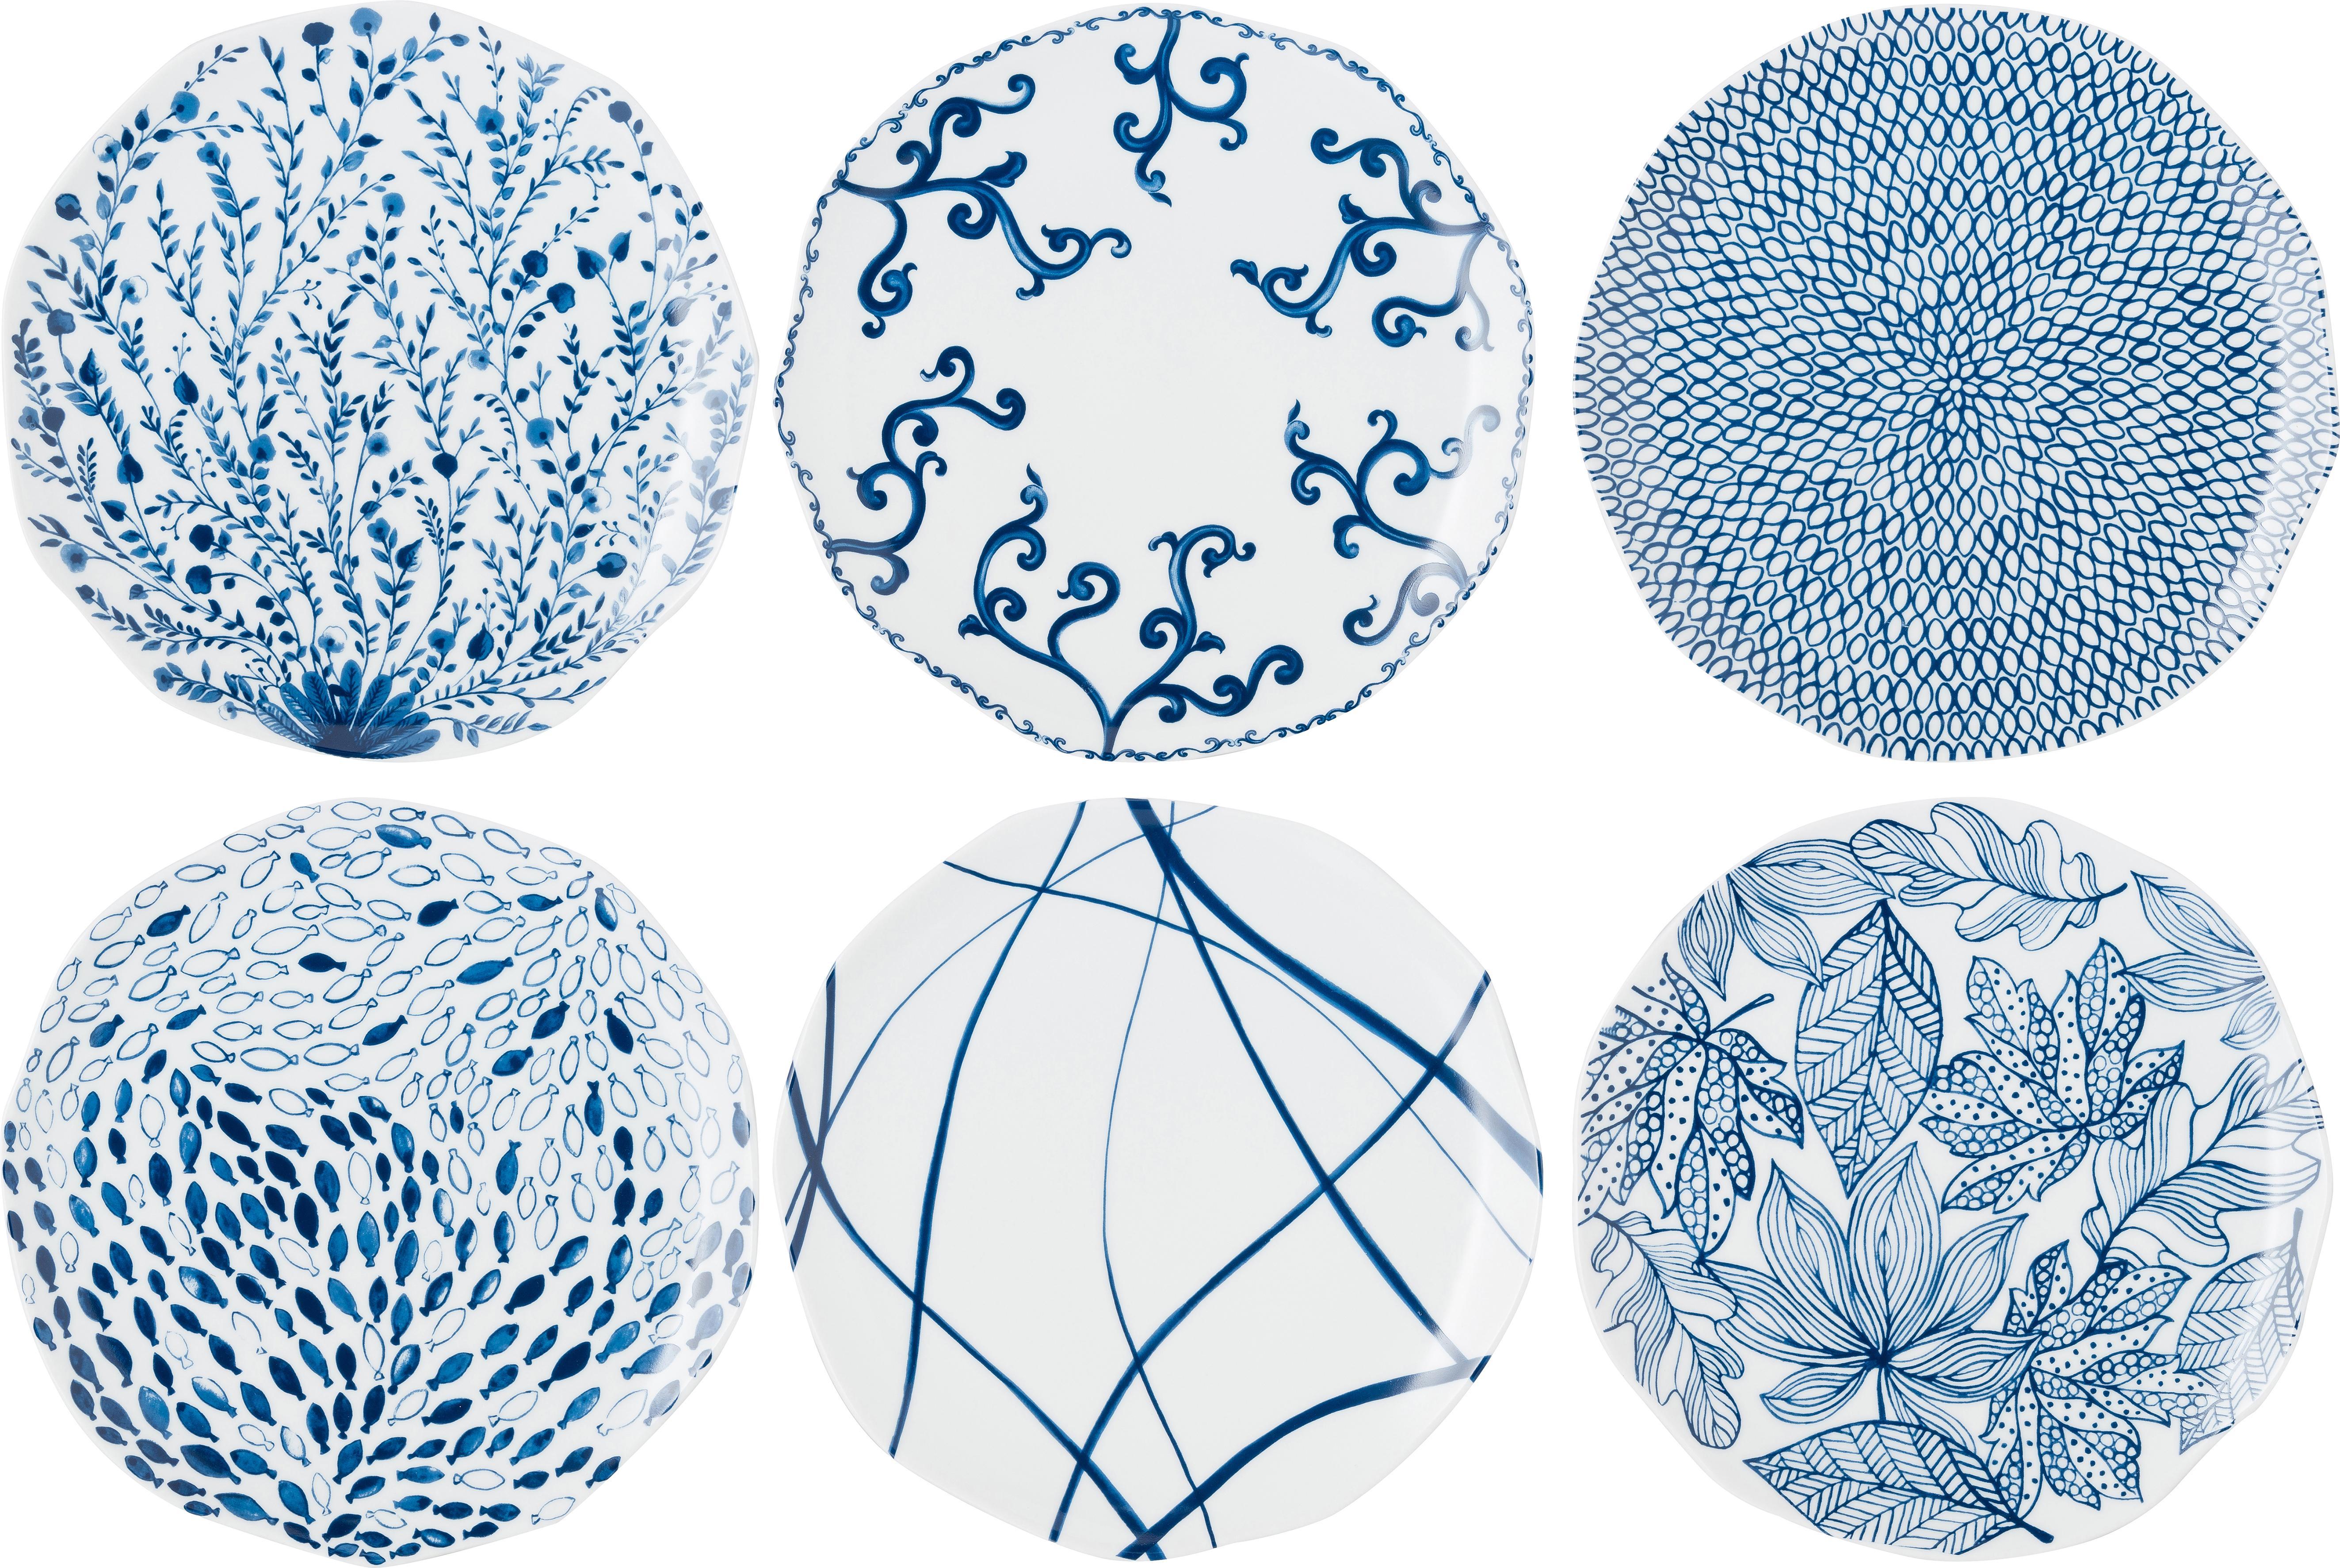 Dinerbordenset Vassoio, 6-delig, Porselein, Blauw, wit, Ø 27 cm